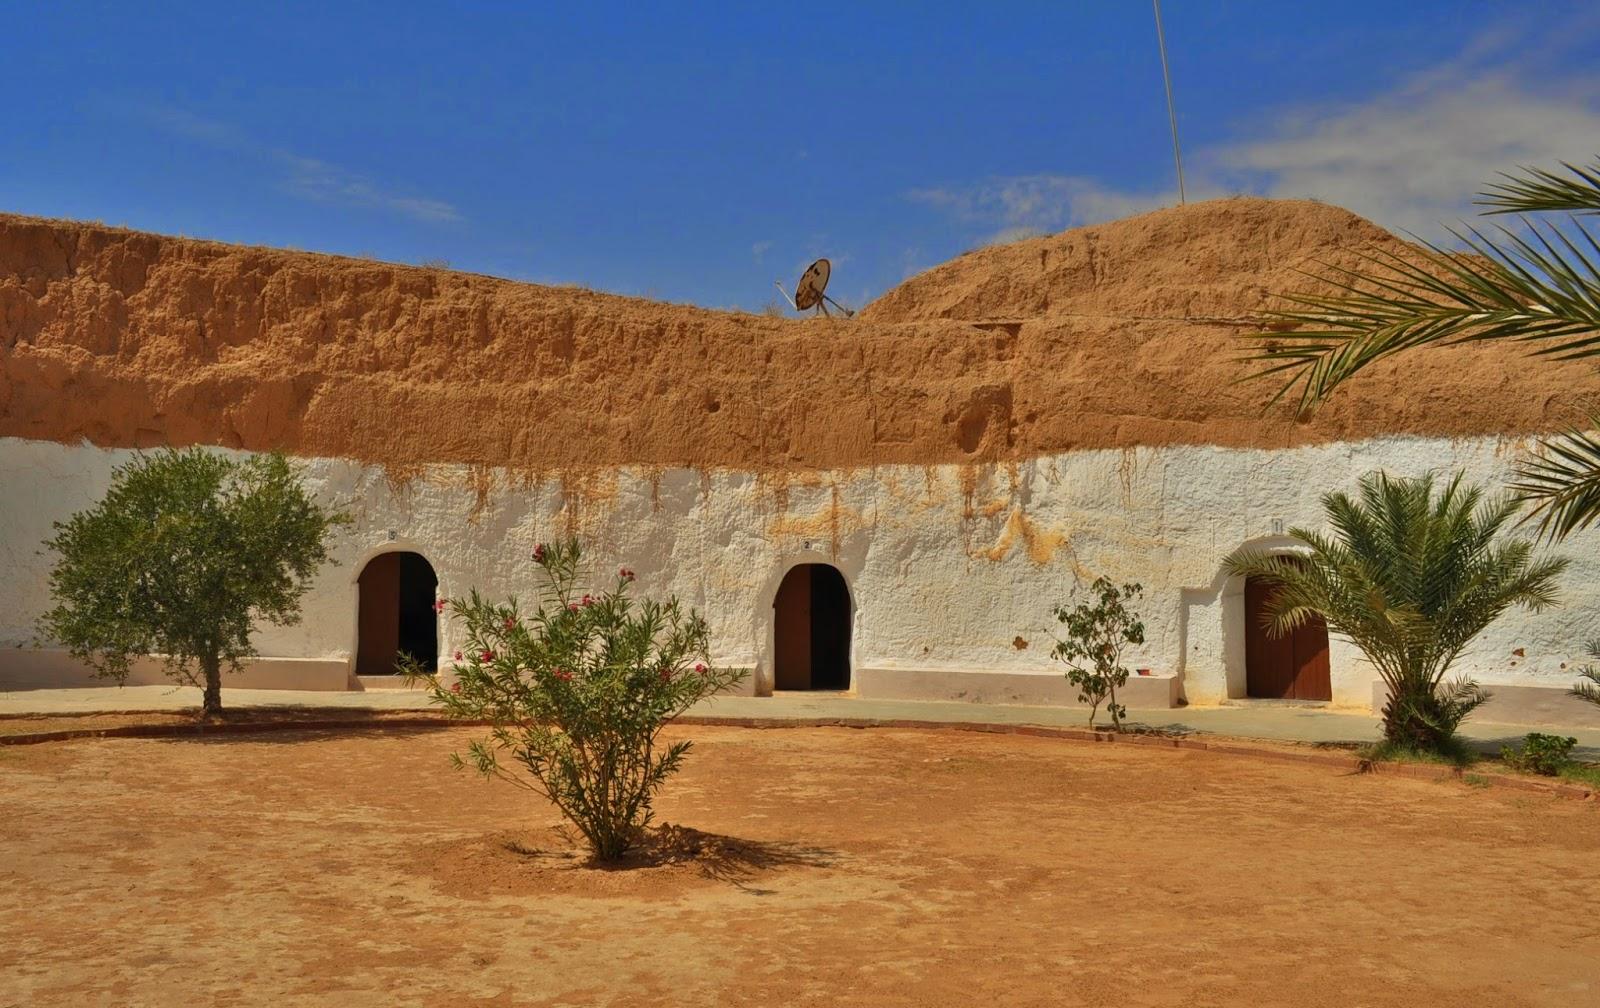 Време за обяд. Попадаме на следния берберски туристически ресторант.